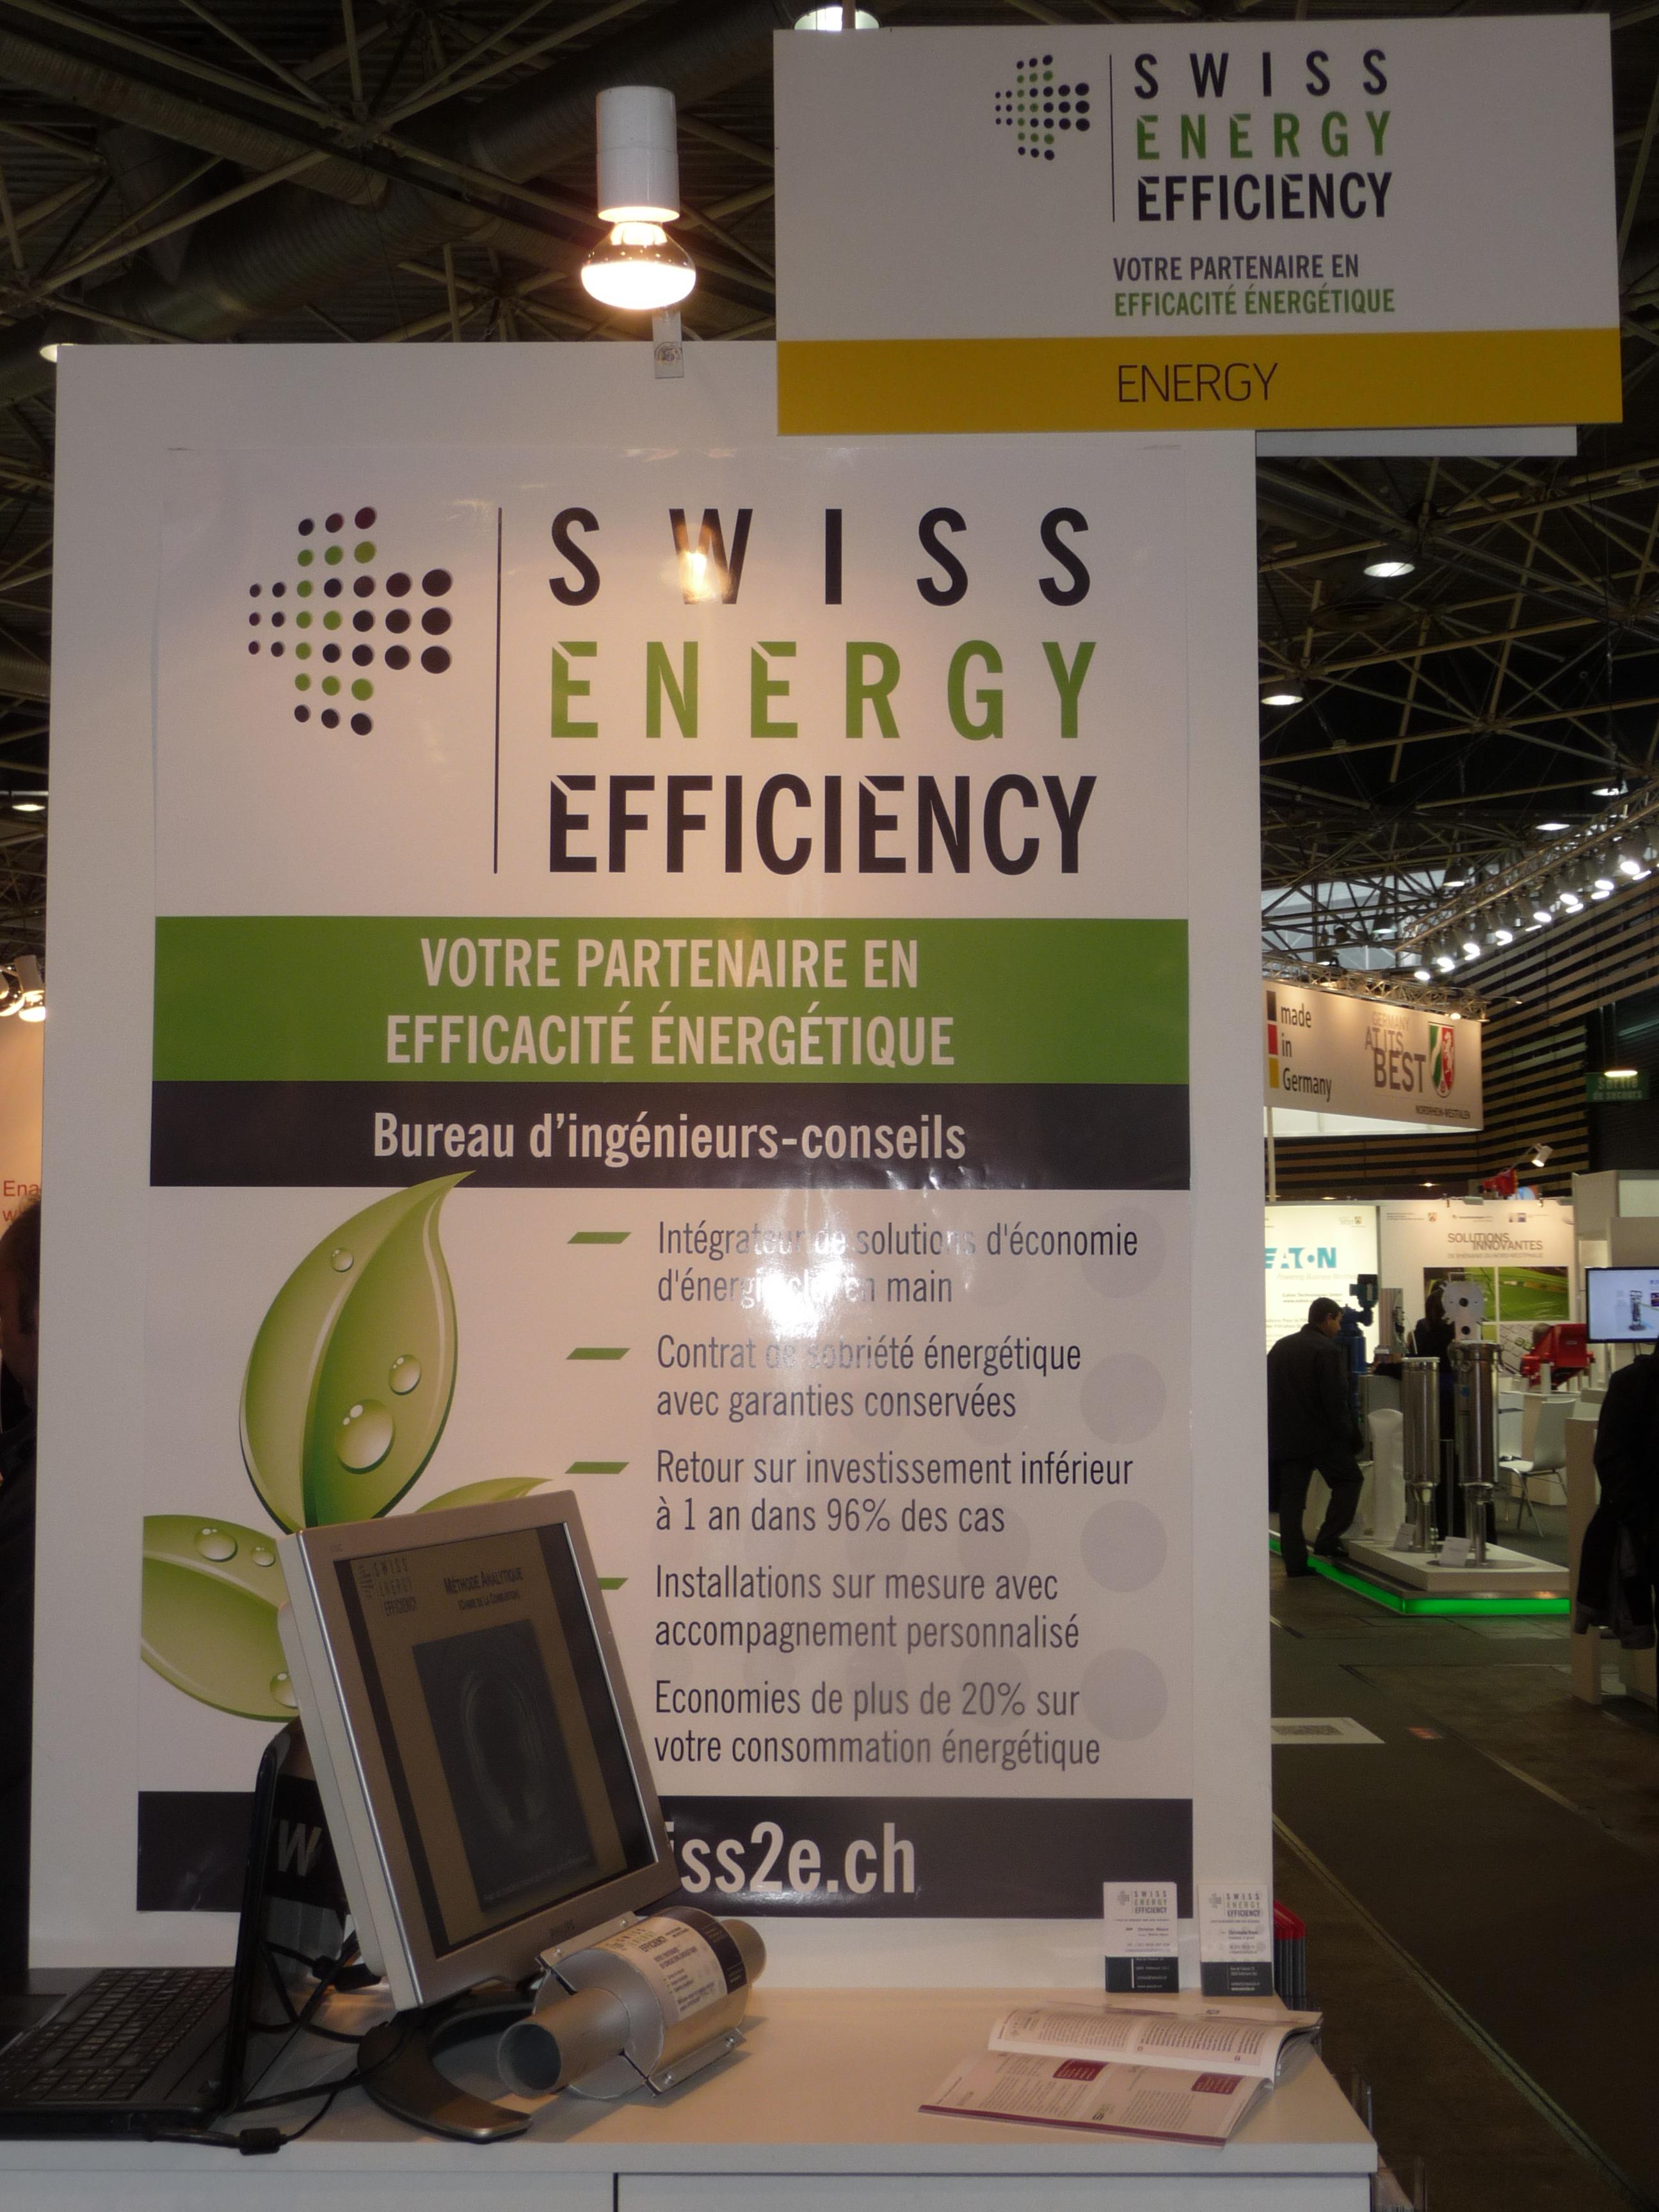 Salons swiss energy efficiency - Salon de l invention ...